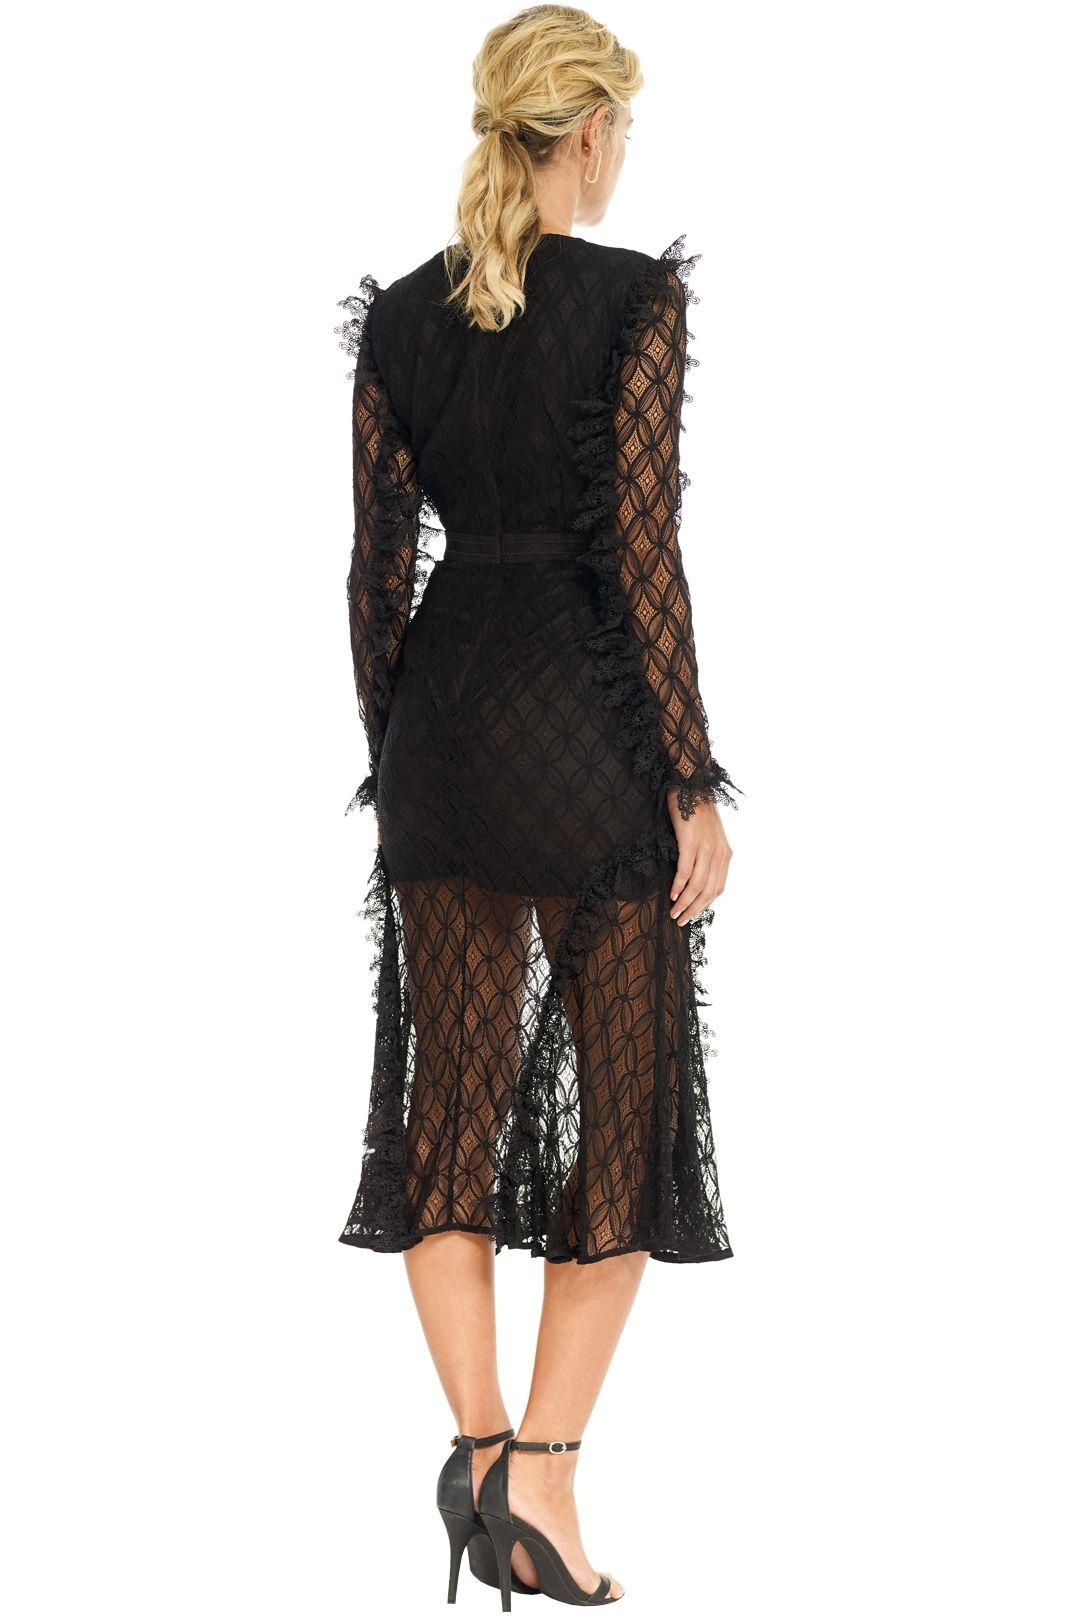 Talulah - Pursue Midi Dress - Black - Back